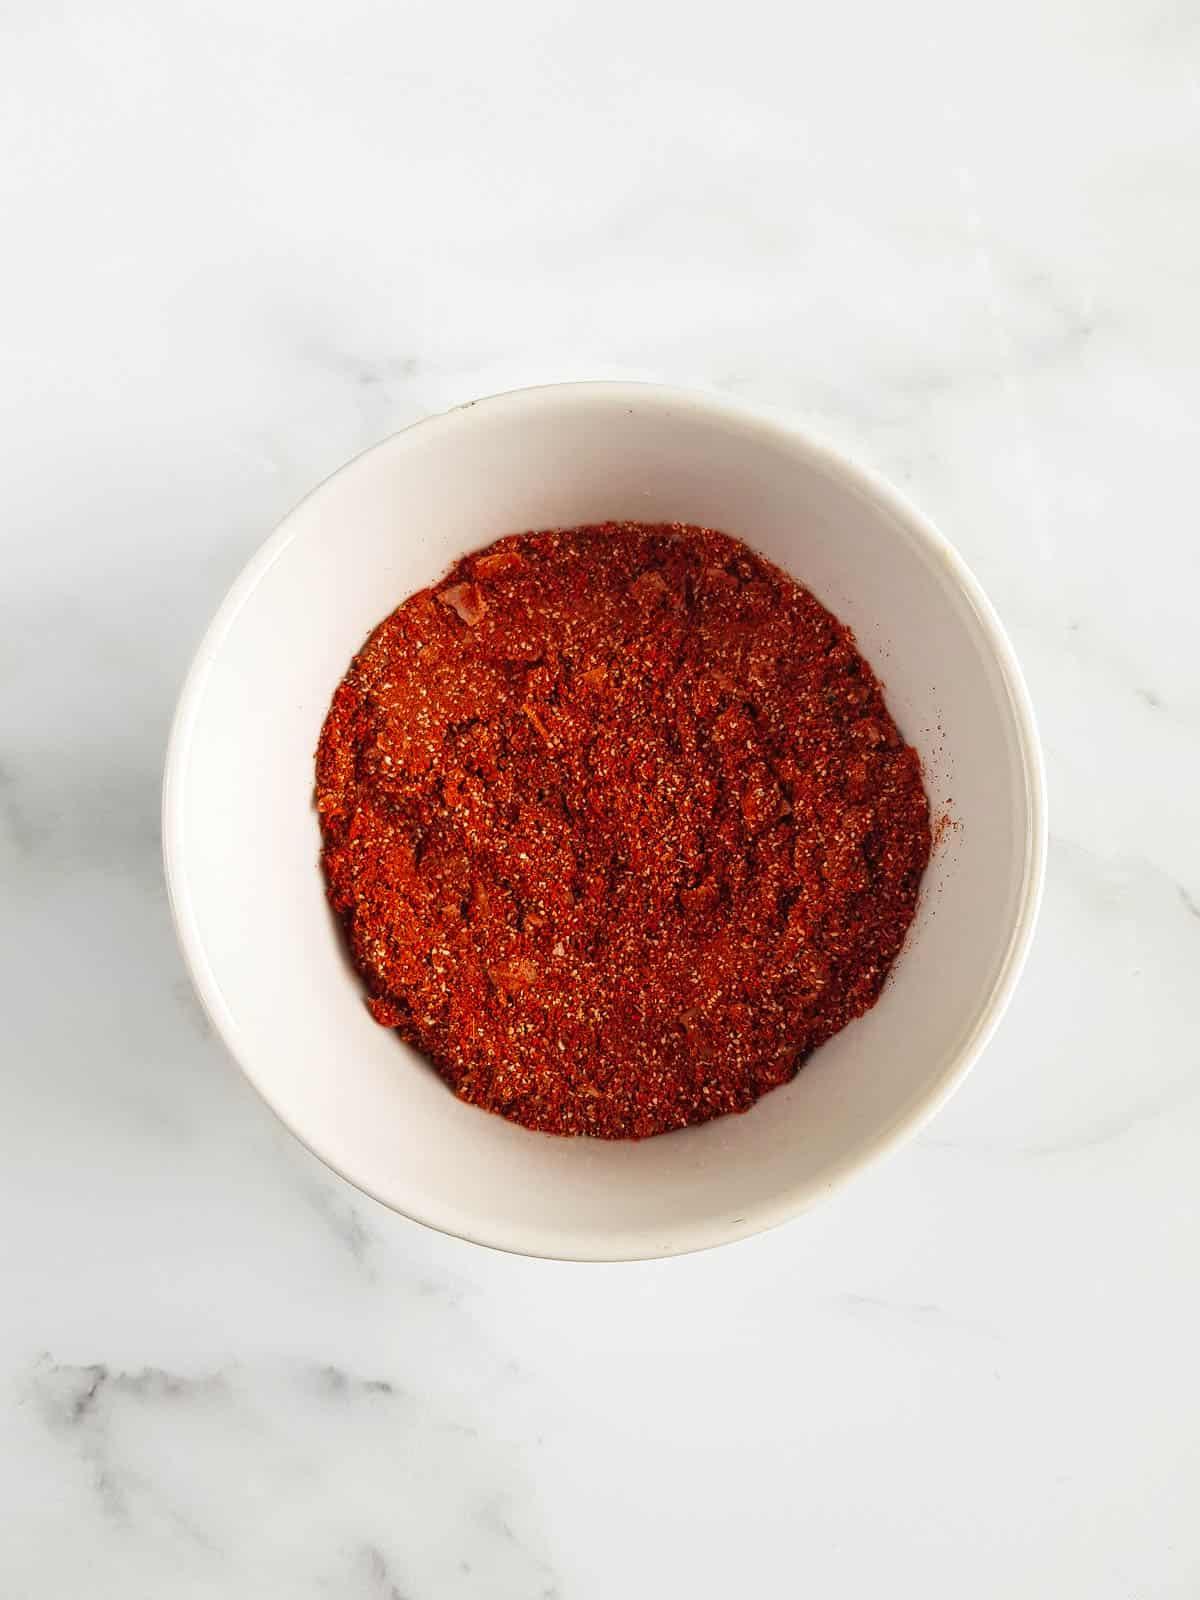 Smoked paprika pork rub in a bowl.